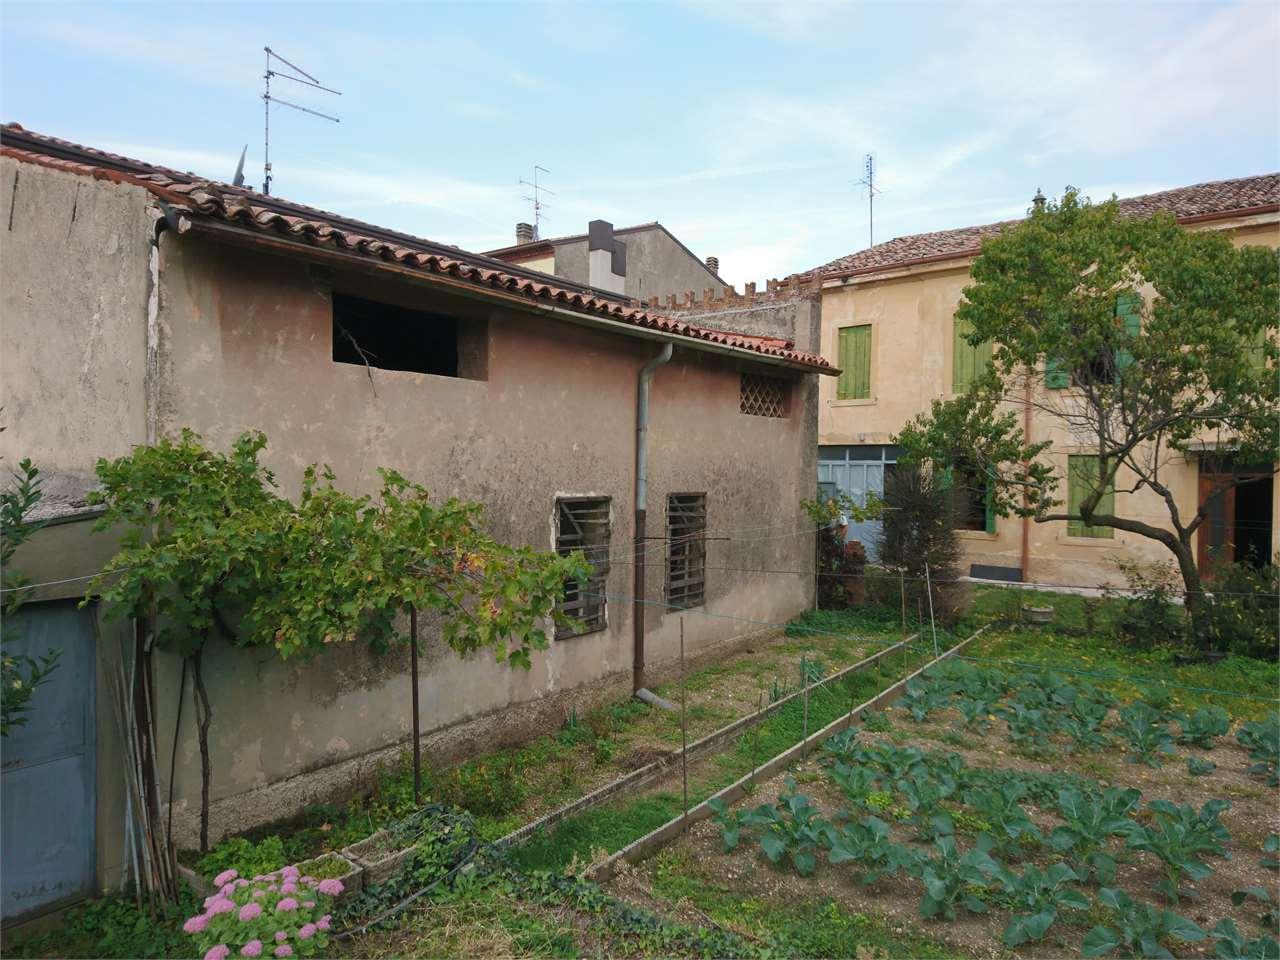 Rustico / Casale in vendita a Tregnago, 11 locali, zona Zona: Centro, prezzo € 270.000 | CambioCasa.it